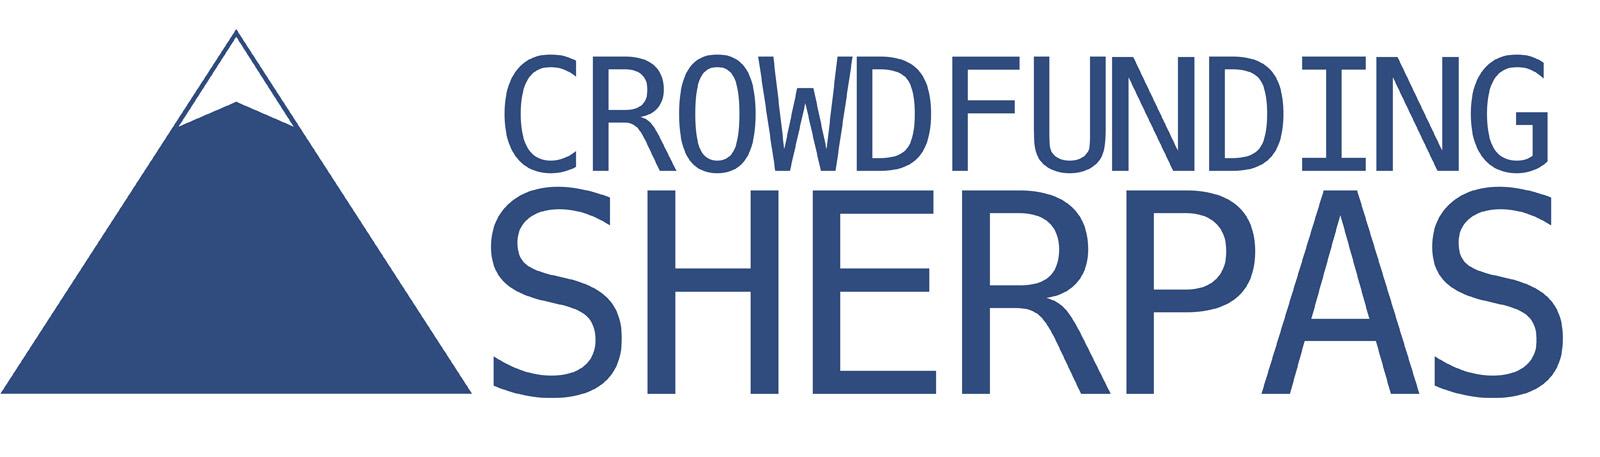 crowdfunding sherpas akoranga